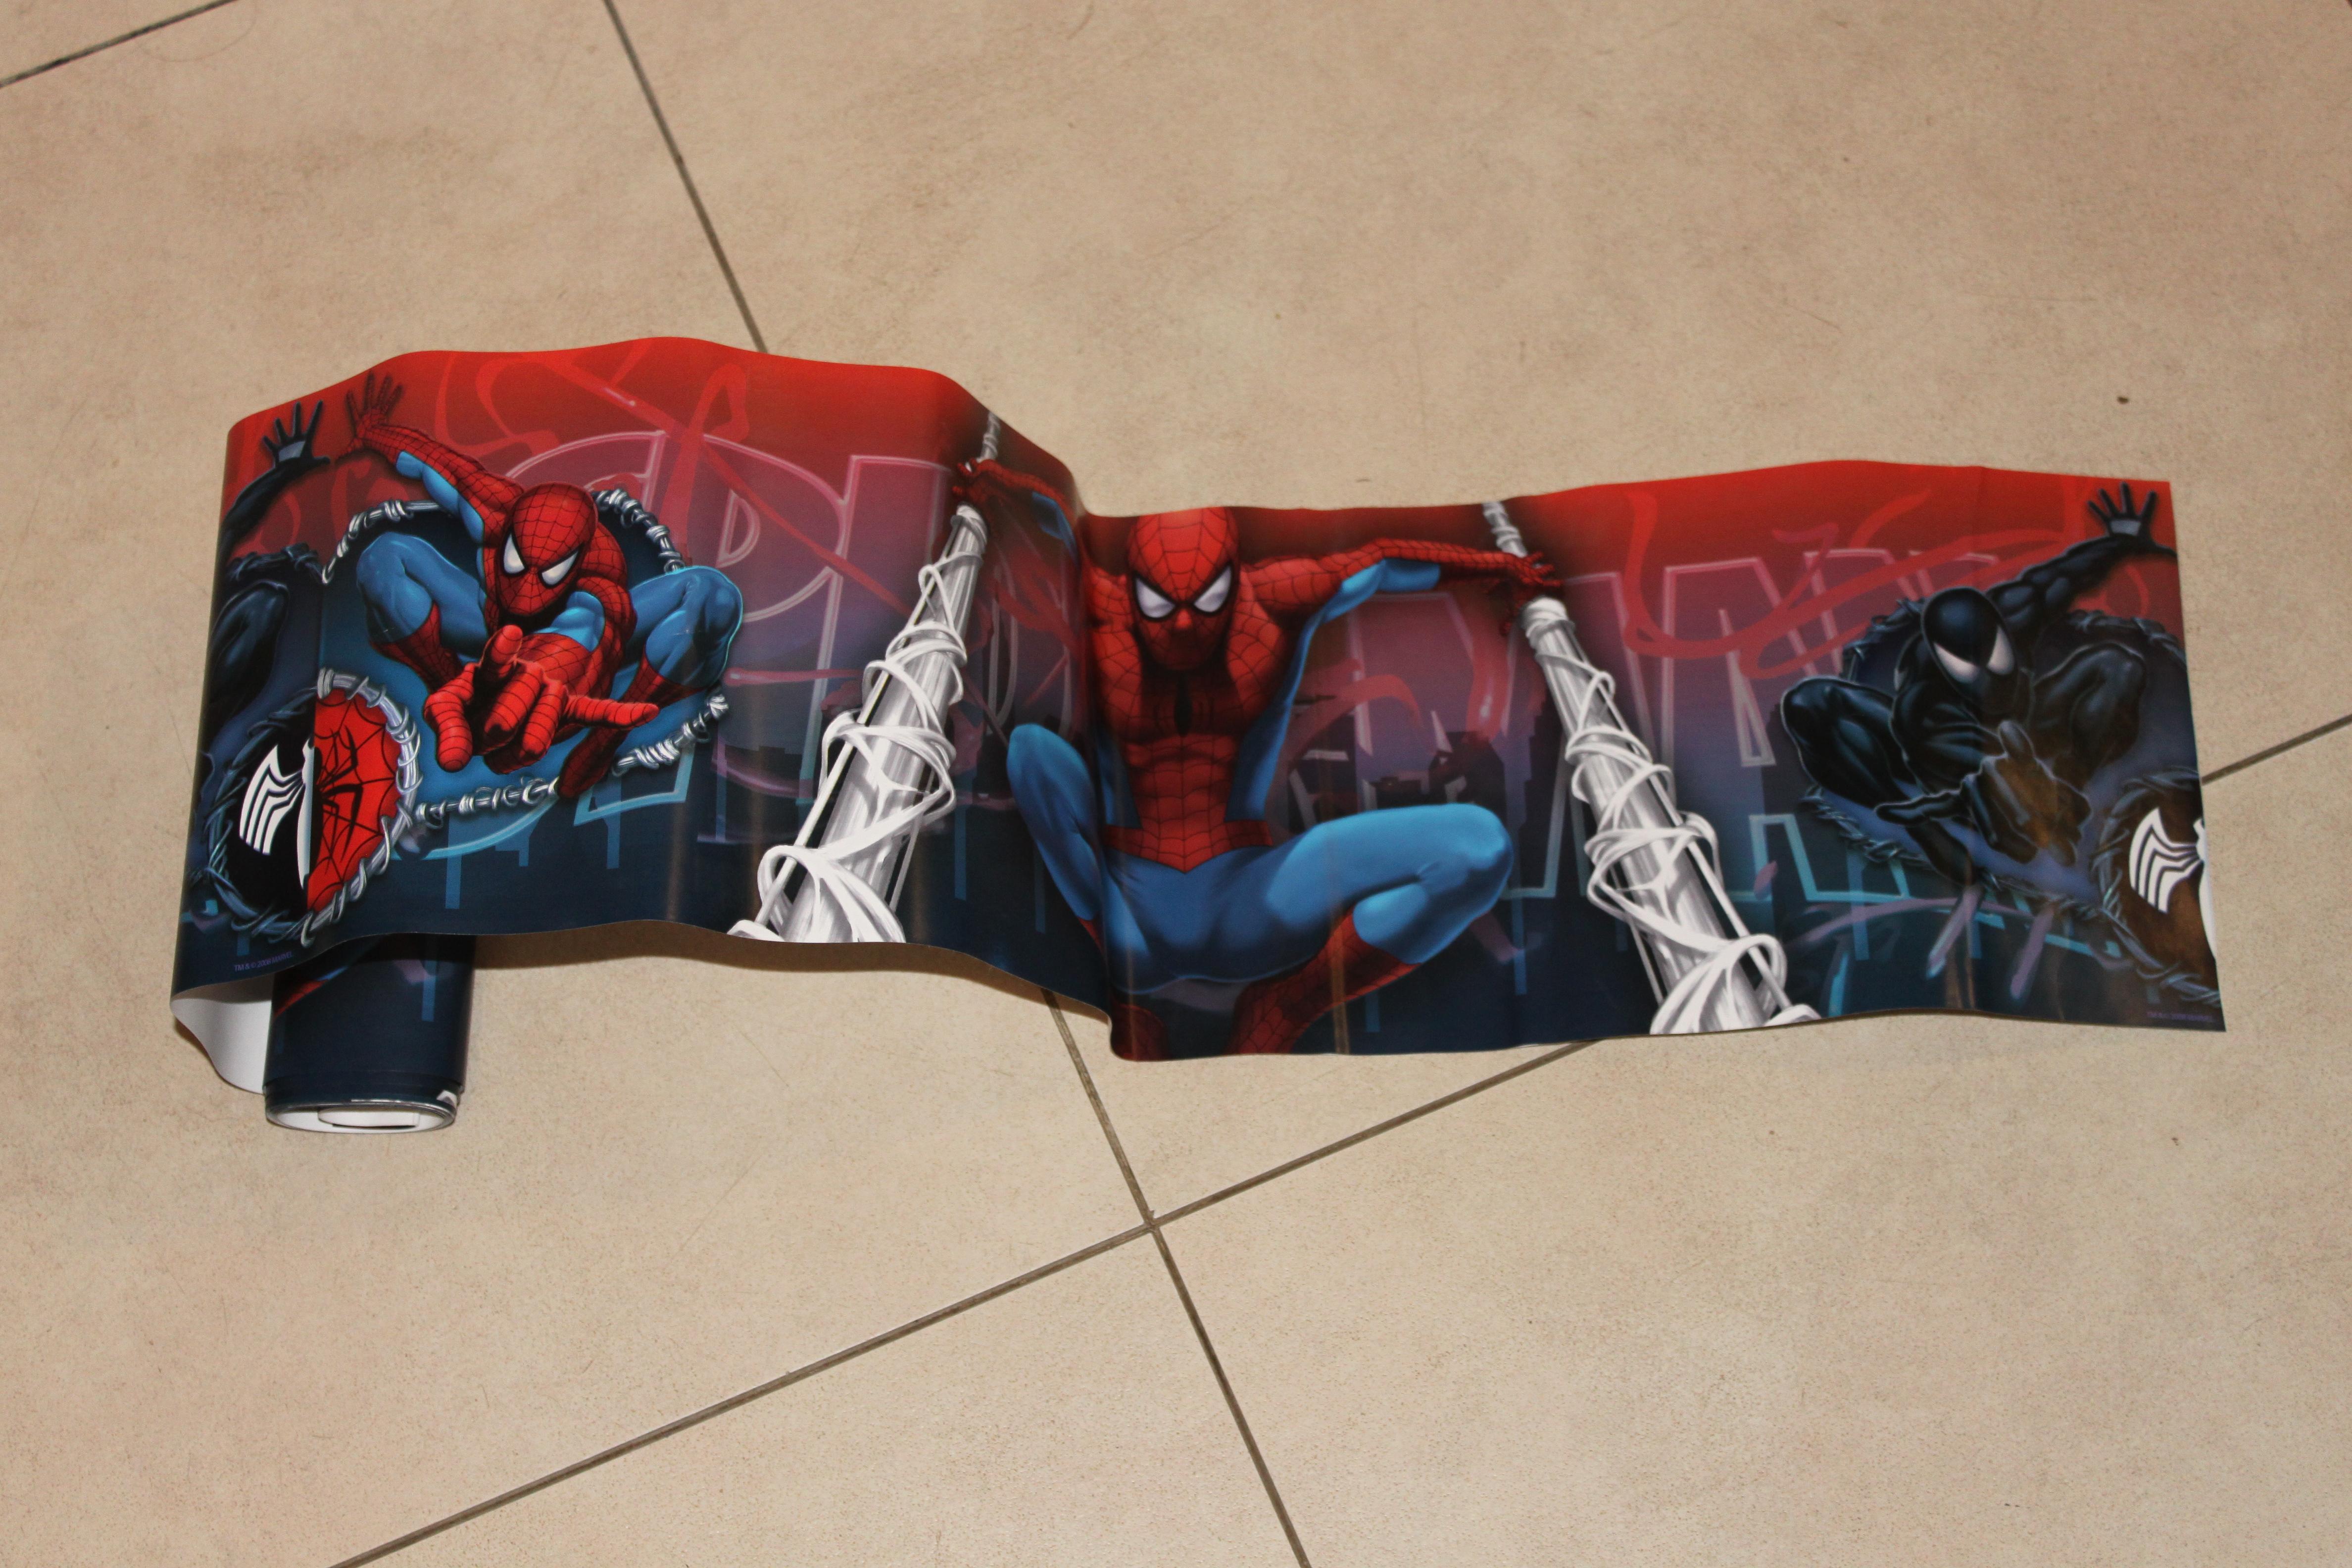 troc de troc chute de frise décorative chambre enfant spiderman image 0